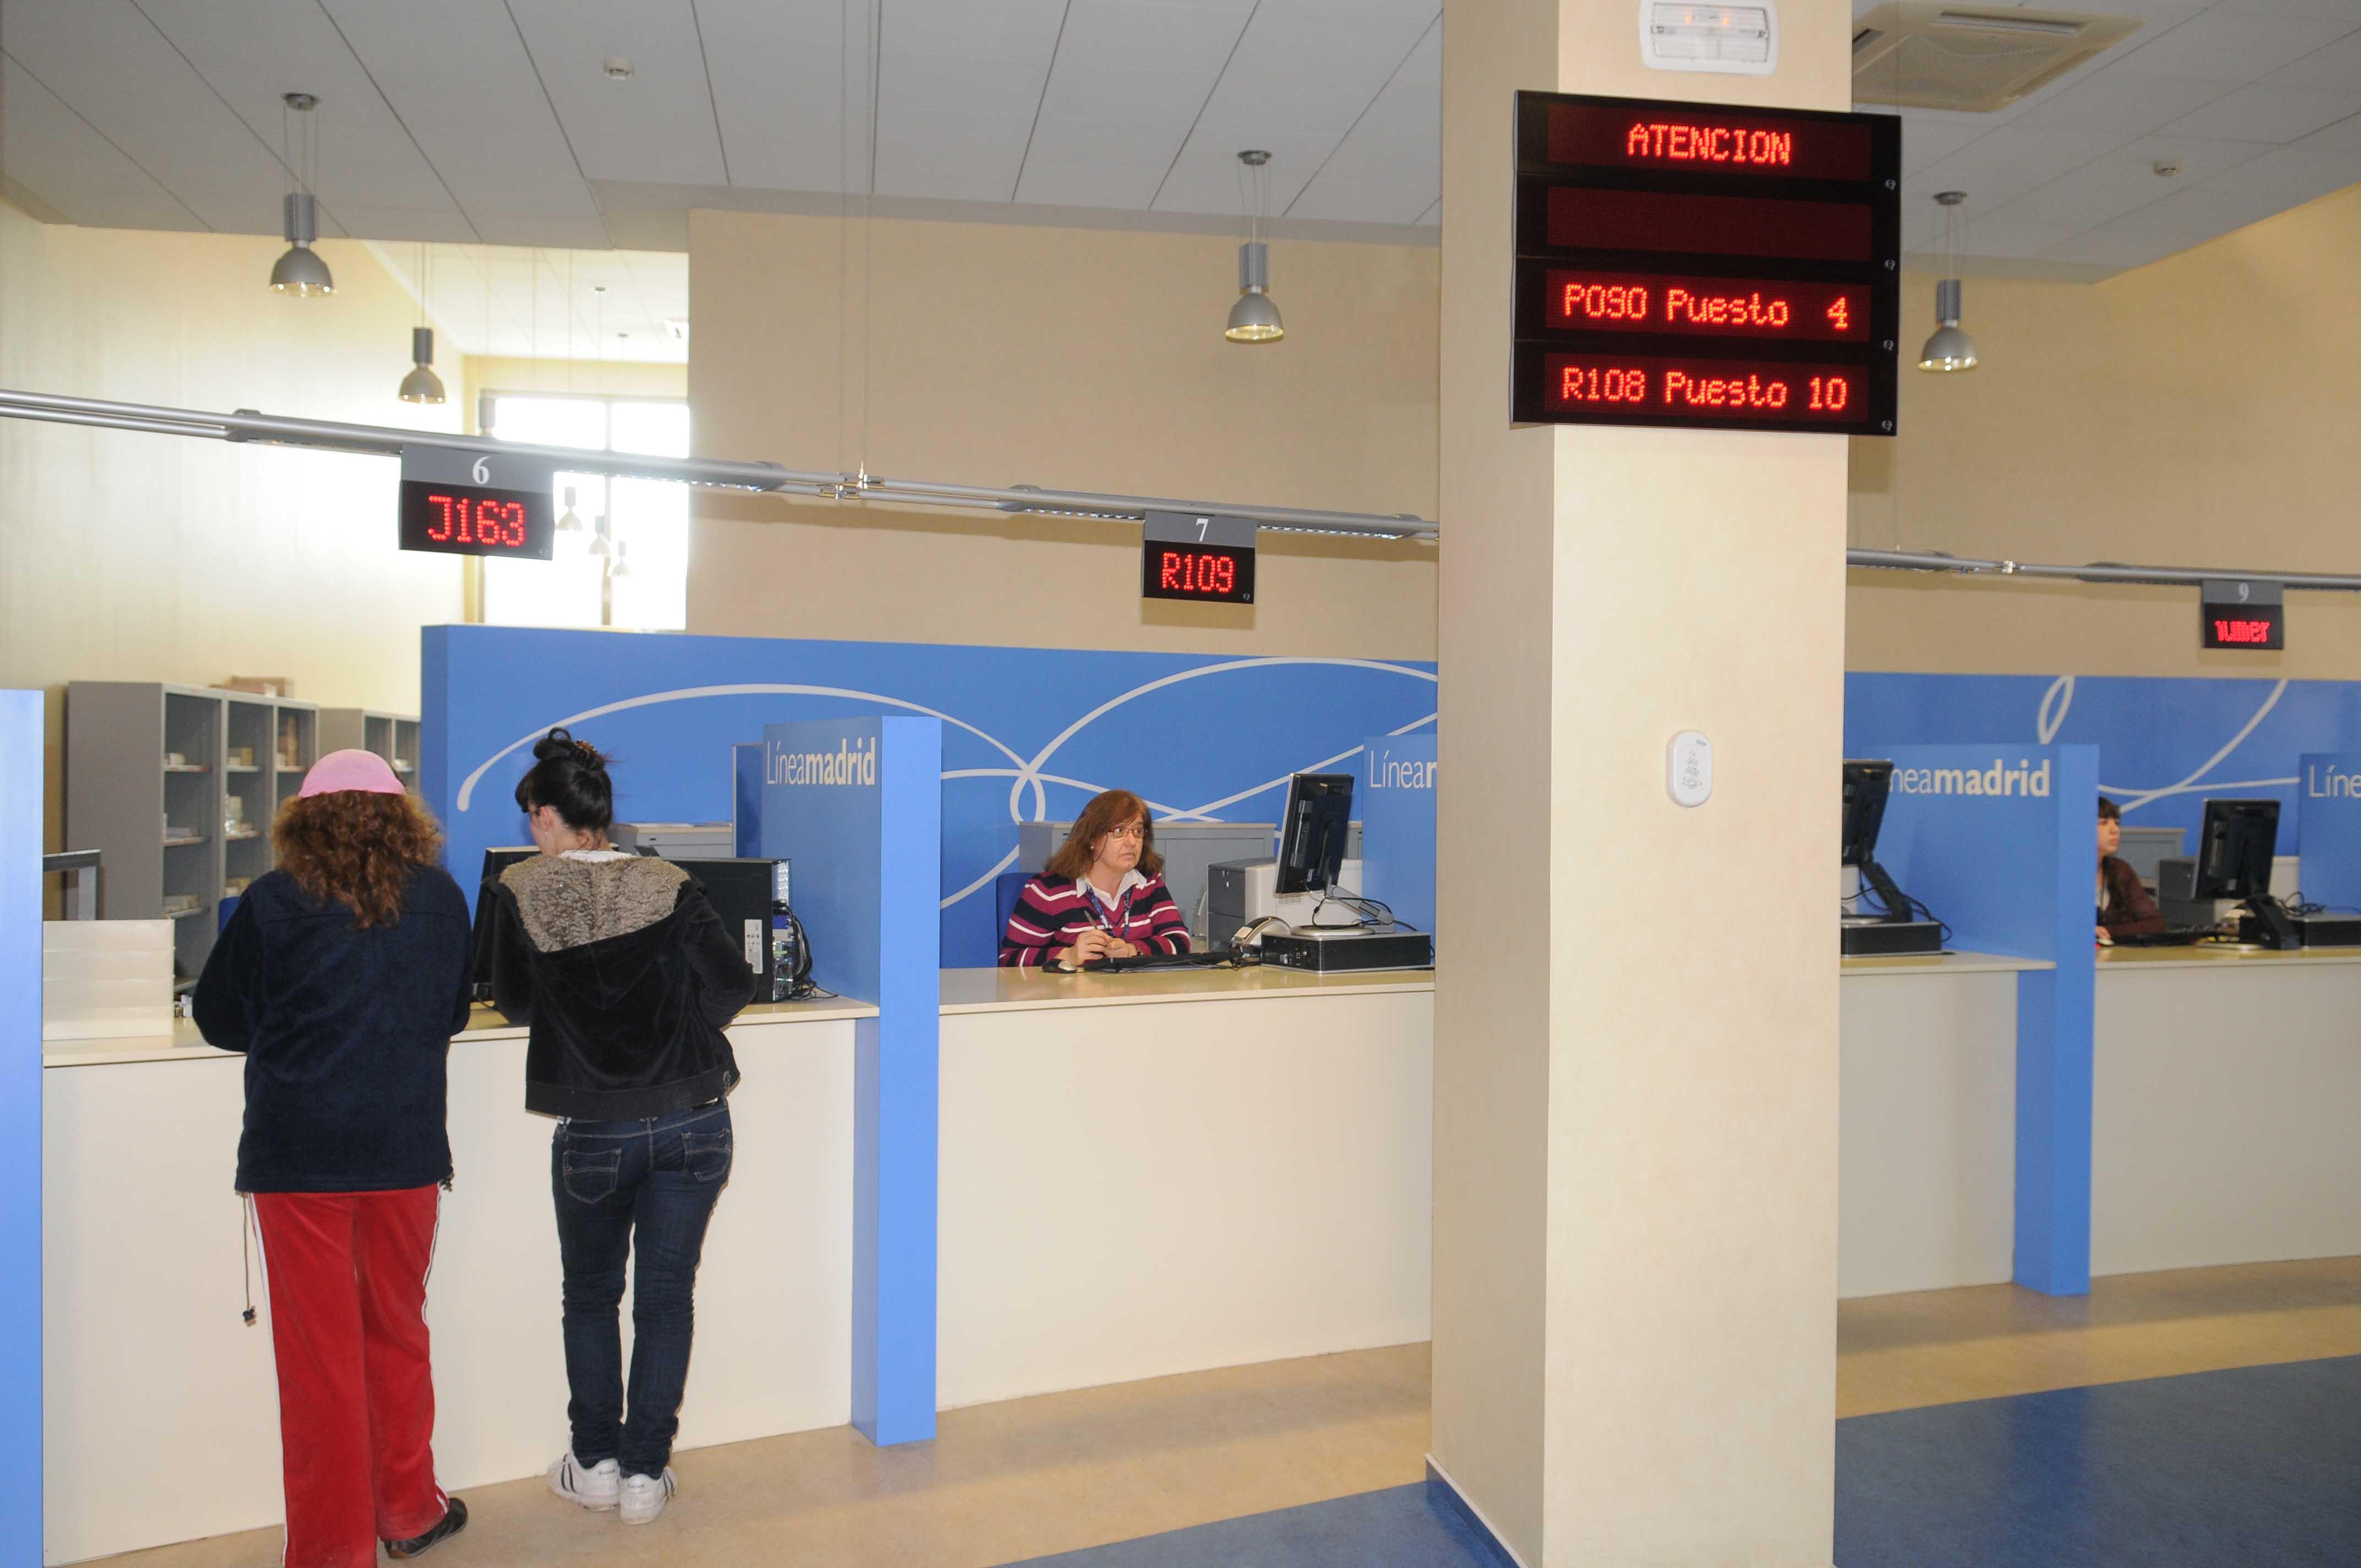 Nuevo horario de atenci n al ciudadano ayuntamiento de madrid - Horario oficina correos madrid ...